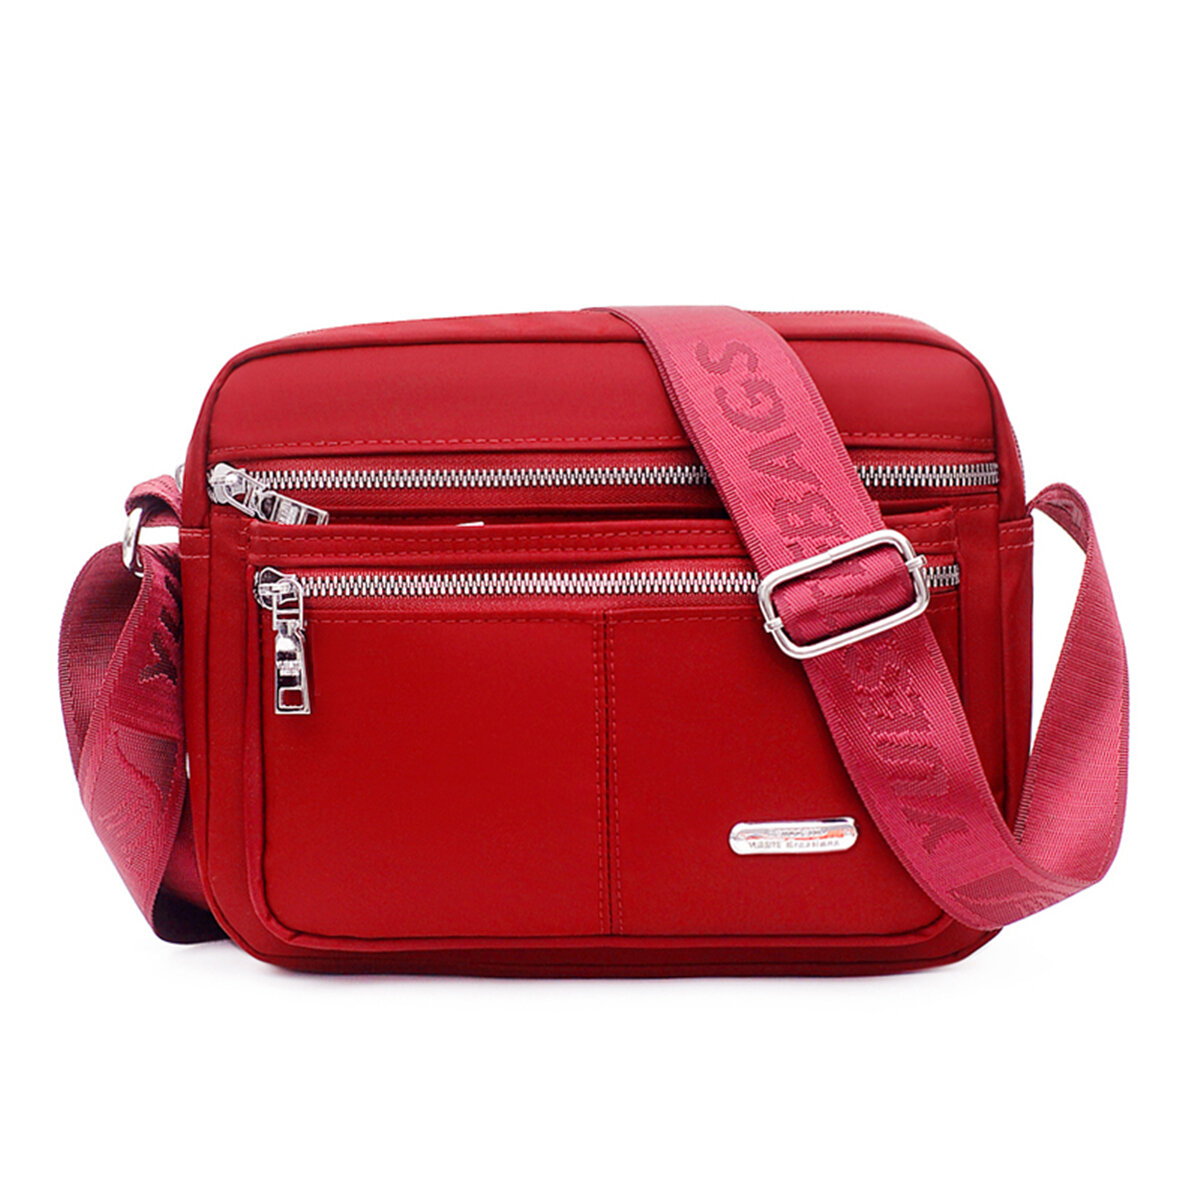 Nylon Large Capacity Waterproof Casual Crossbody Bag Shoulder Bag